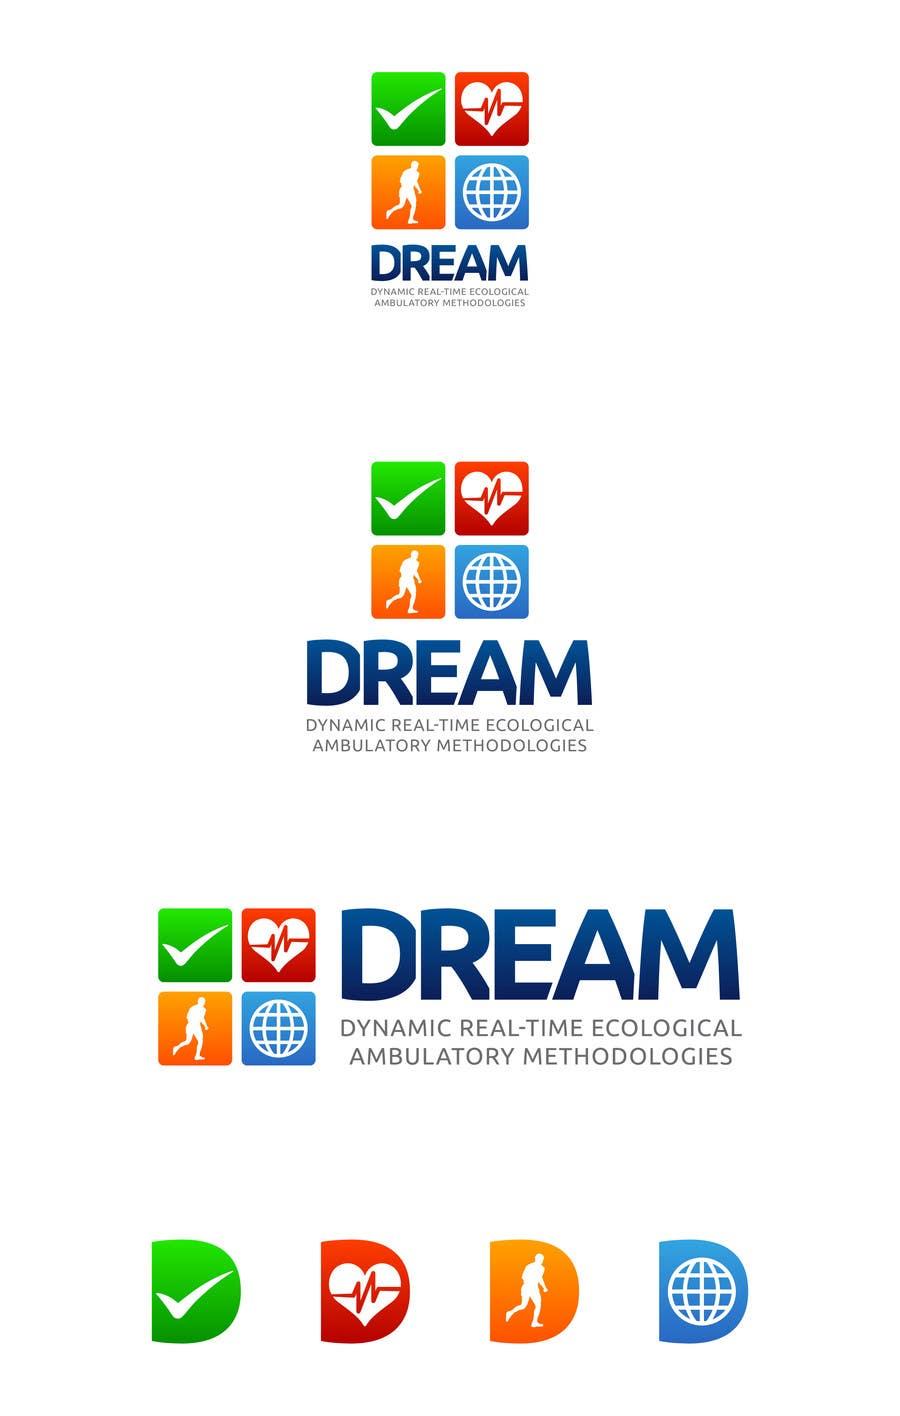 Inscrição nº 17 do Concurso para Design a Logo for SRCDREAM